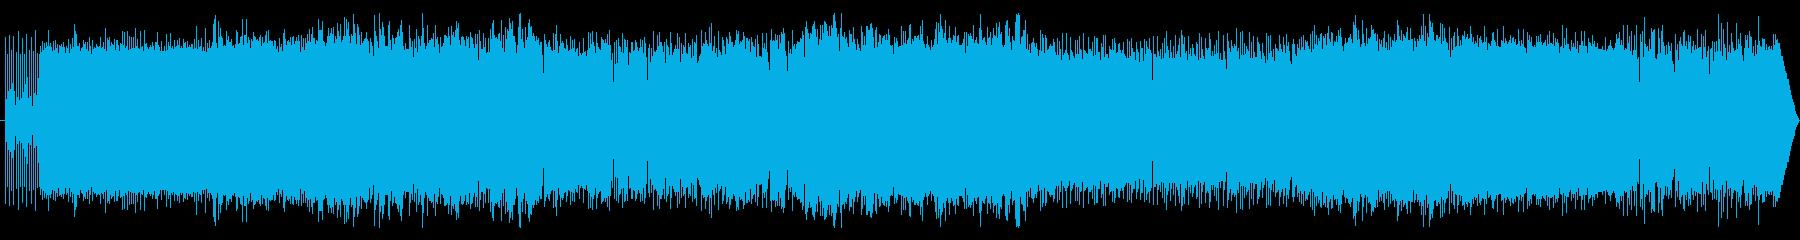 ミドルテンポのメロディアスガールズロックの再生済みの波形